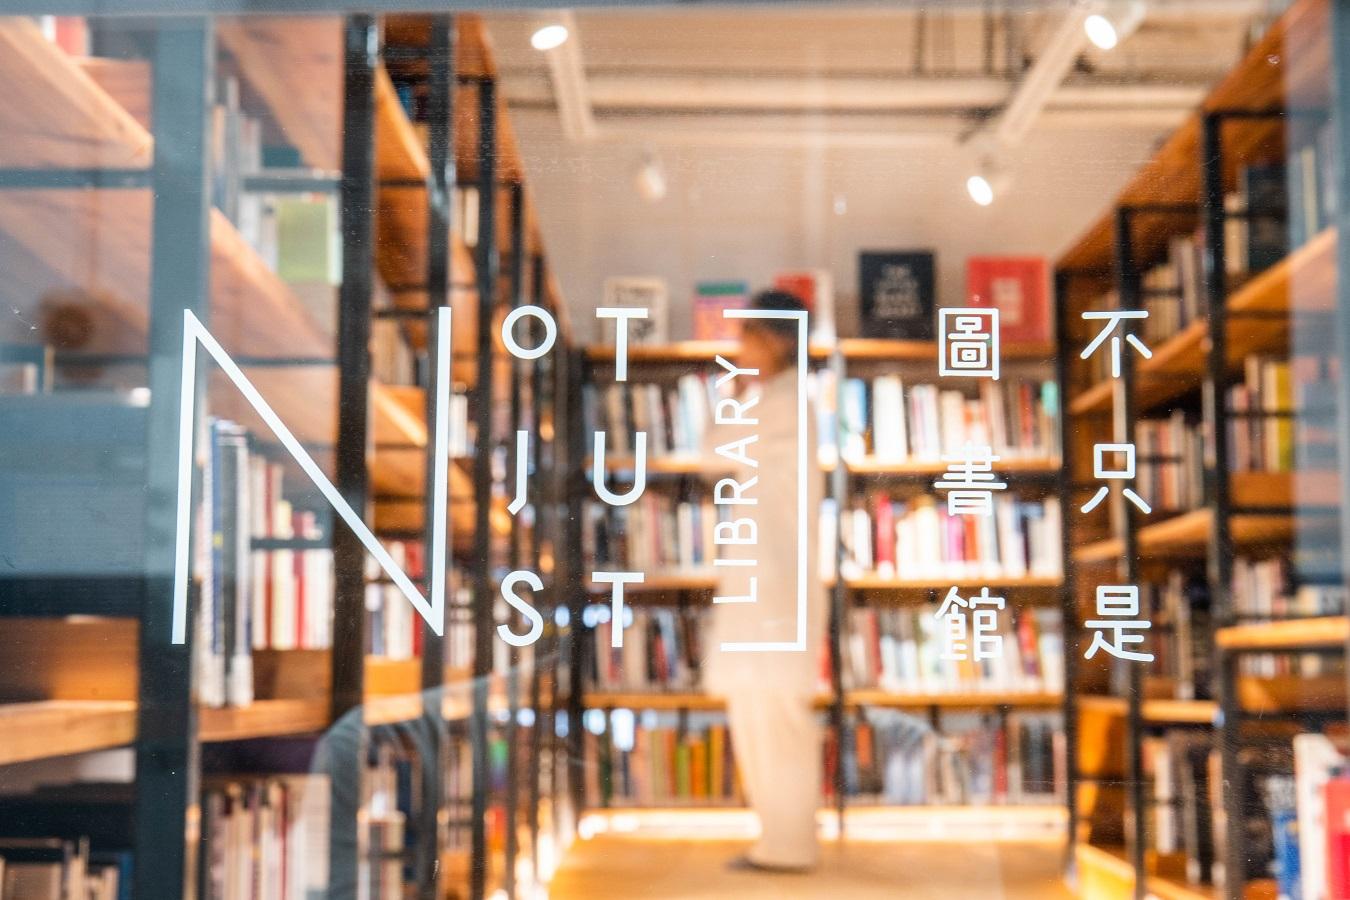 浸泡一場書澡!不只是圖書館搬進松菸澡堂 打造五感的閱讀體驗